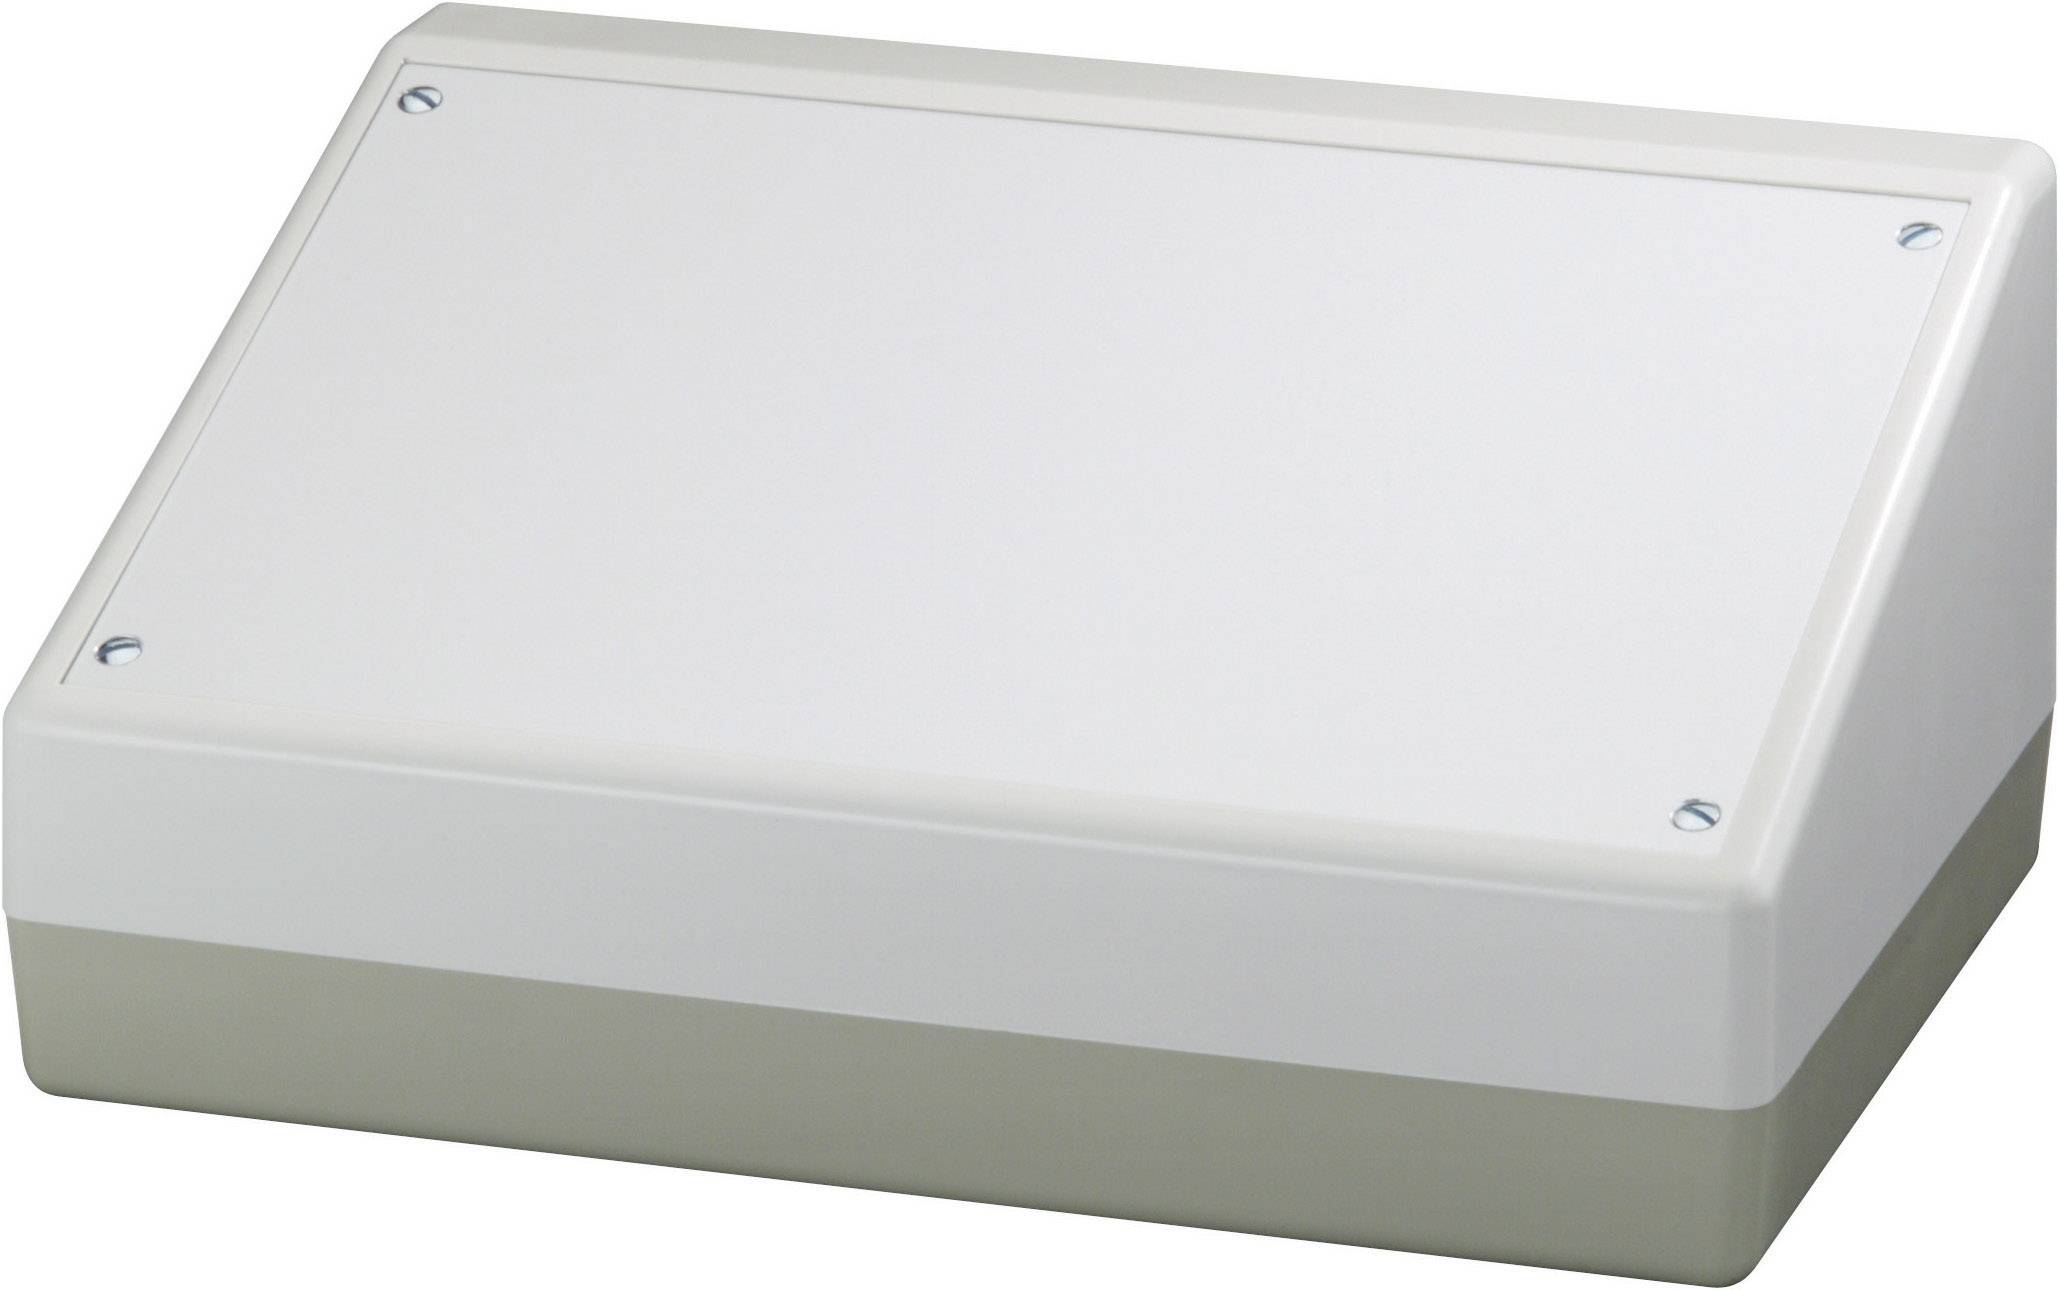 Skrinka na ovládací pult OKW AS054486, 220 x 100 x 156 mm, ABS, hliník, hliník (eloxovaný), 1 ks